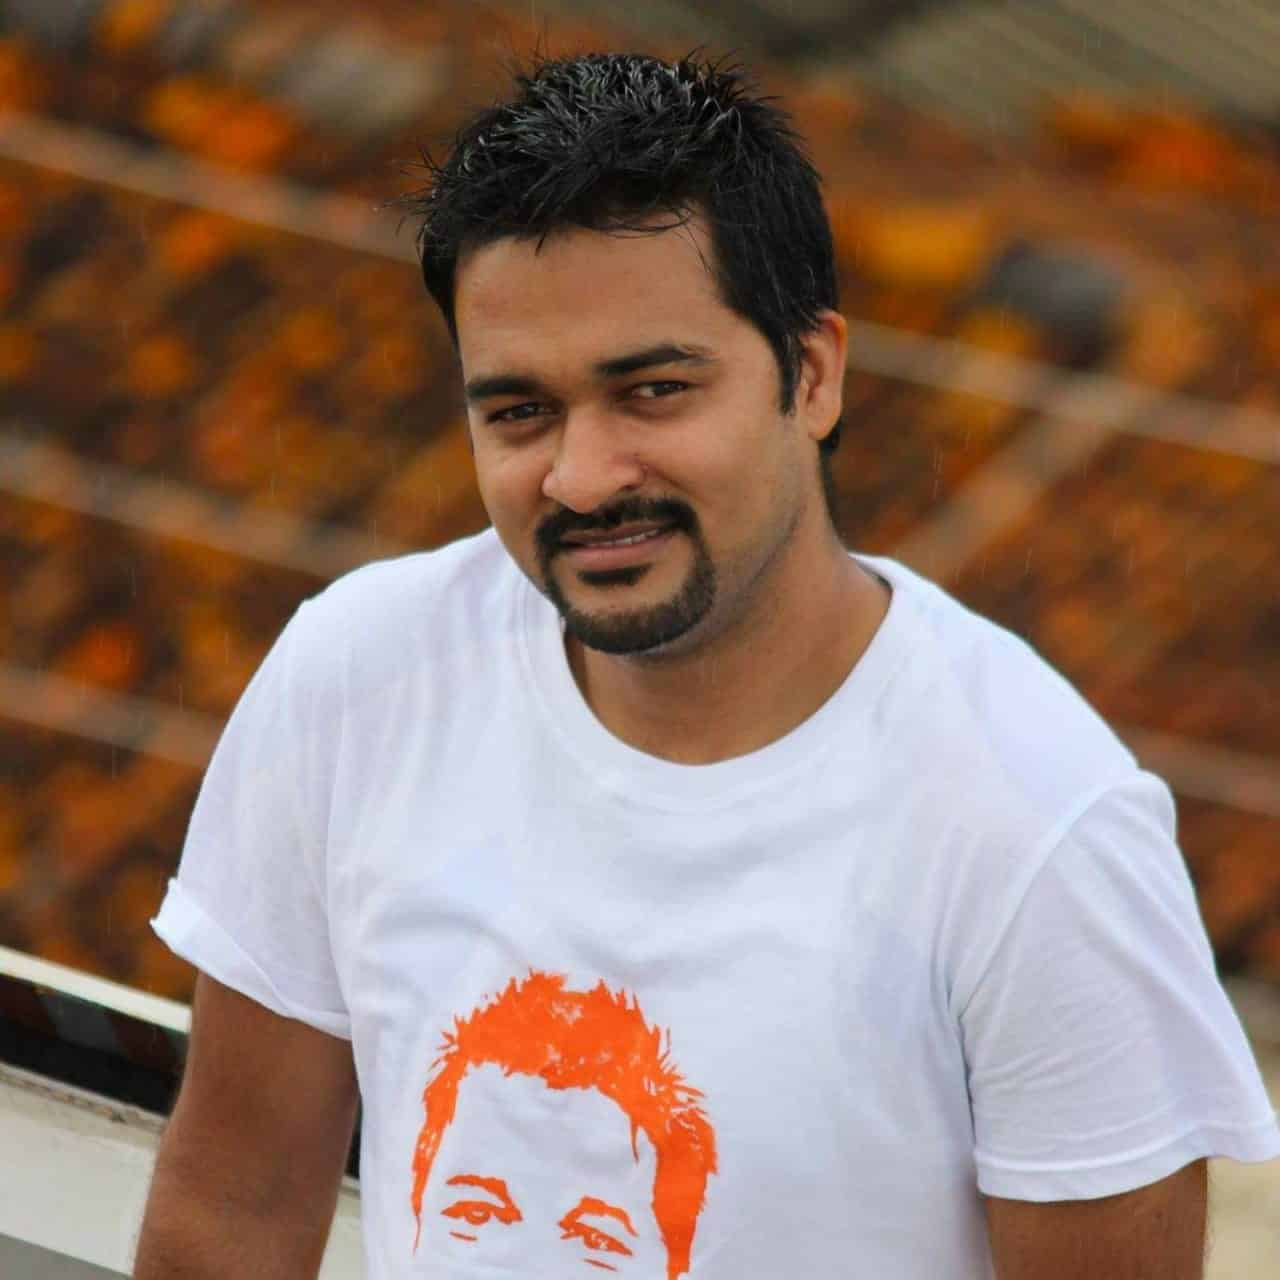 Anand Rajmal Jain